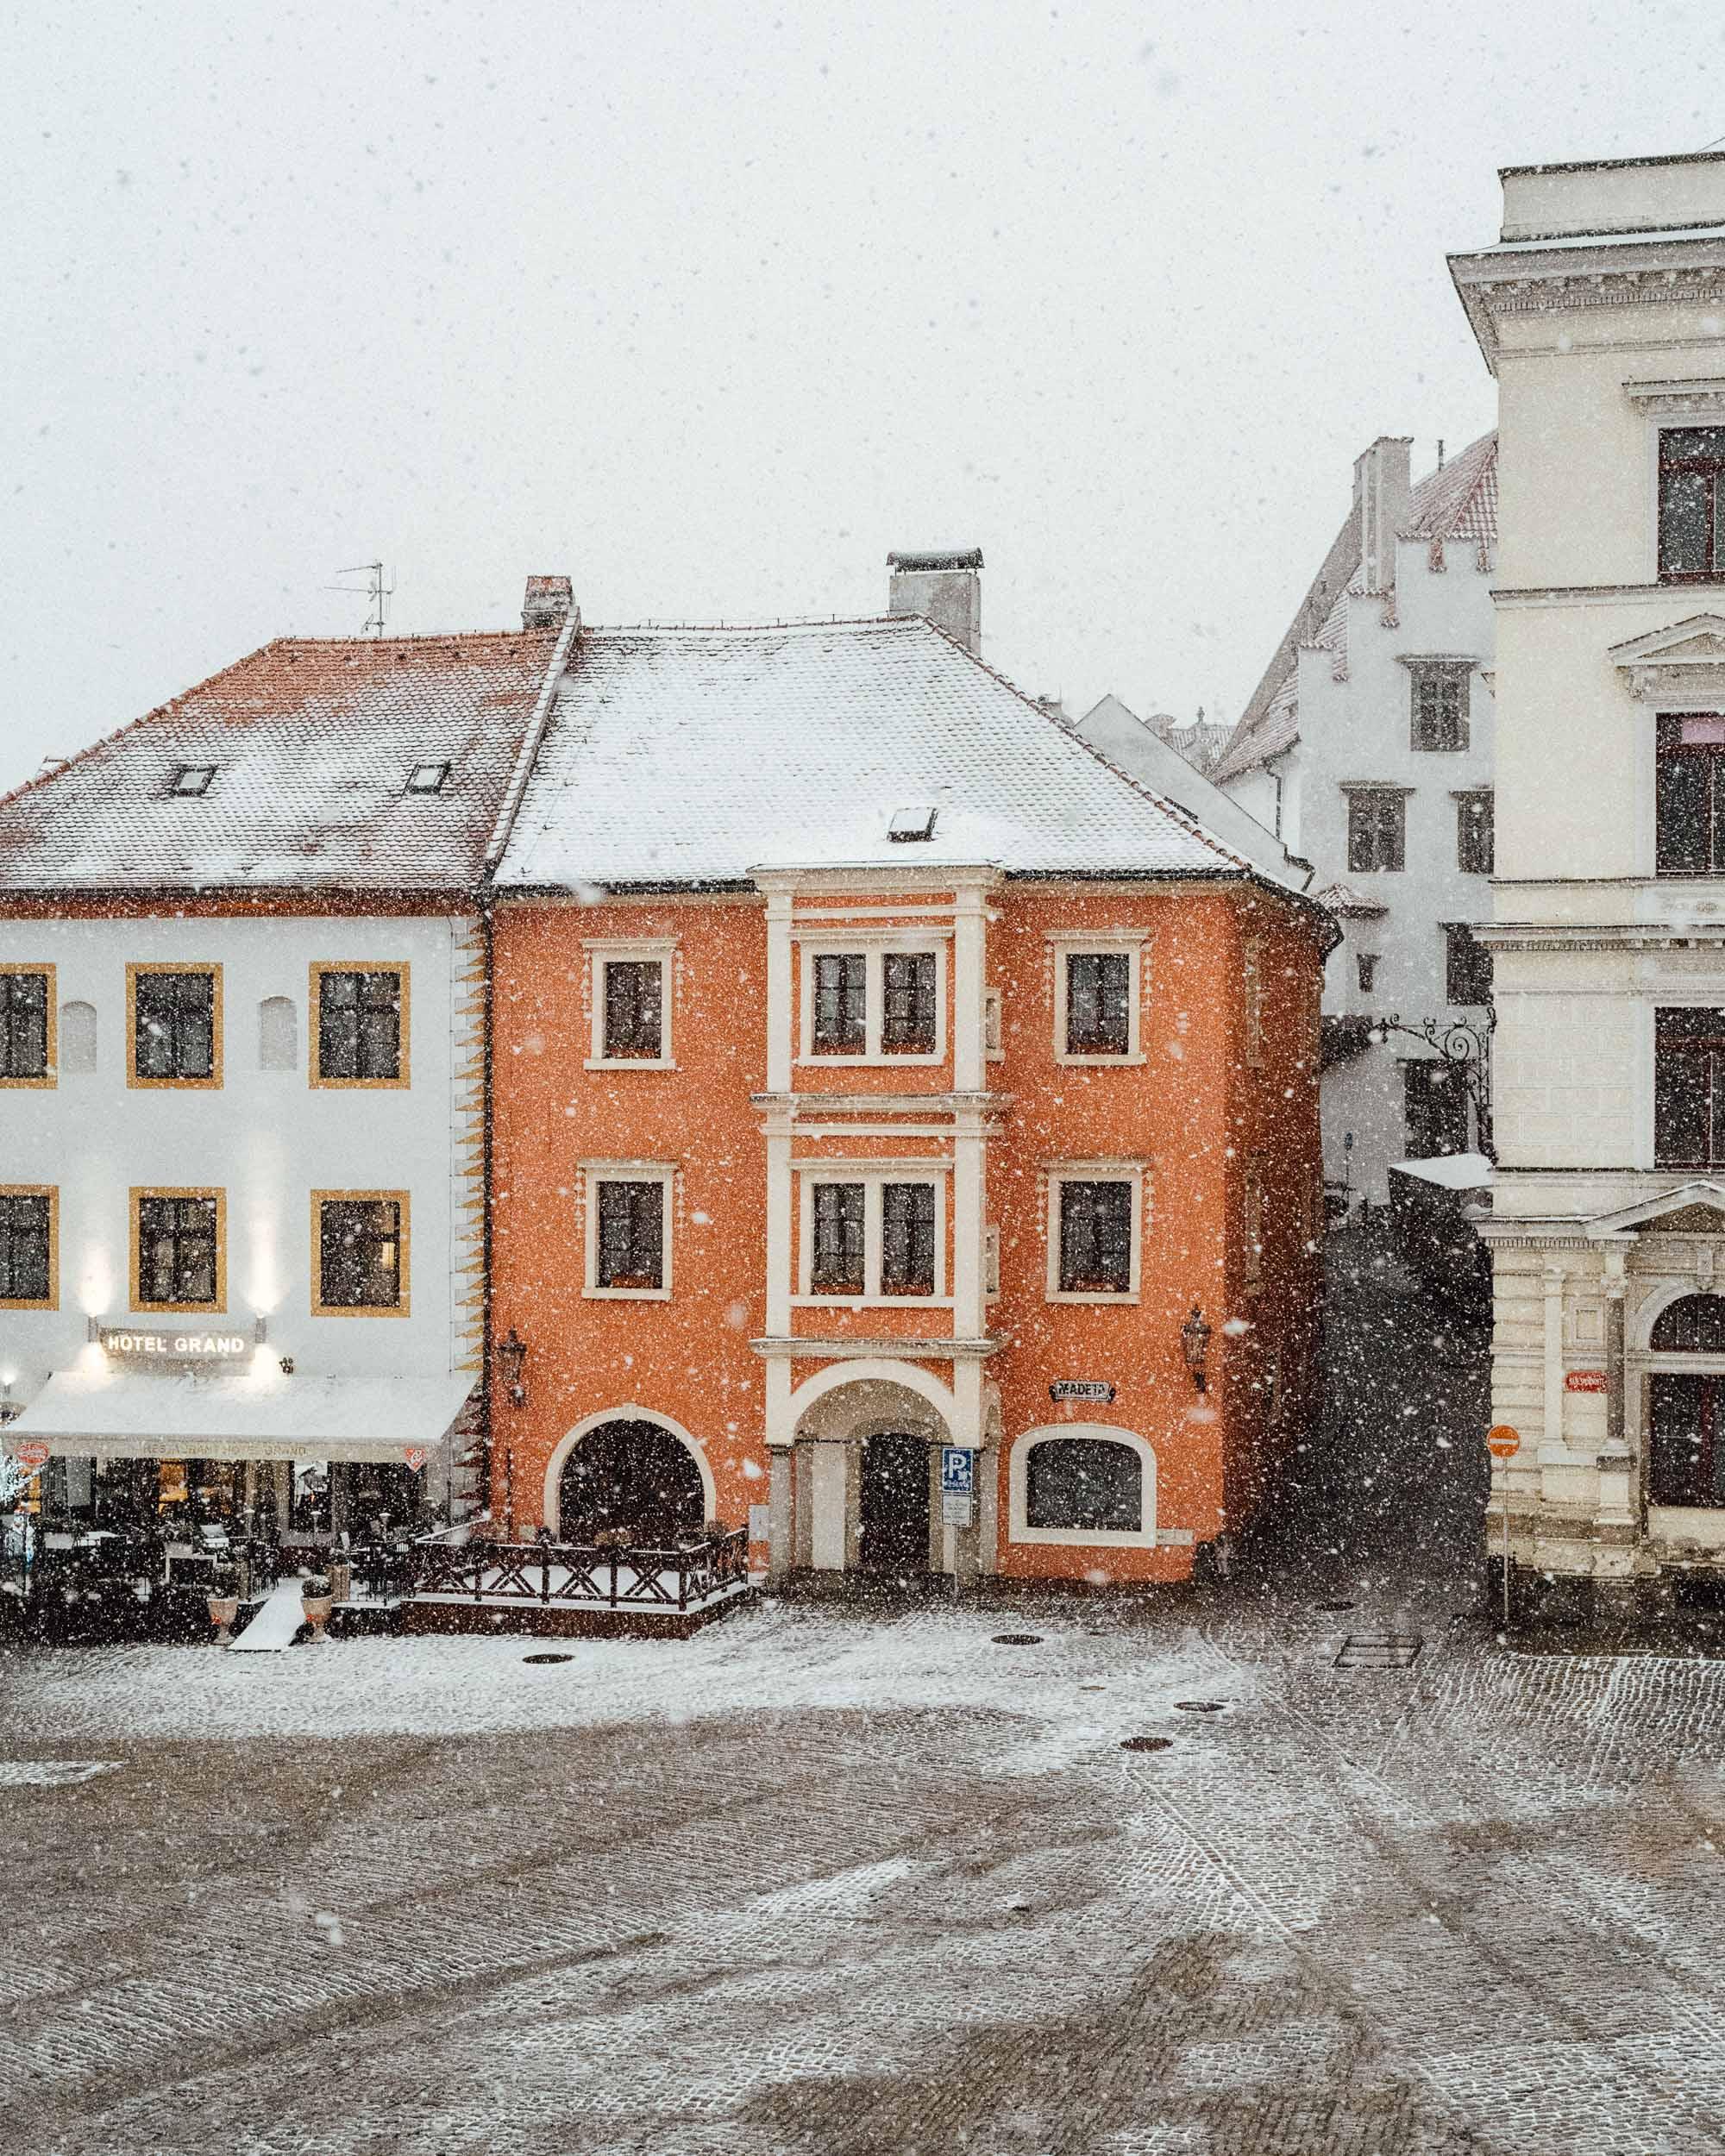 Snow falling in Cesky, Krumlov.